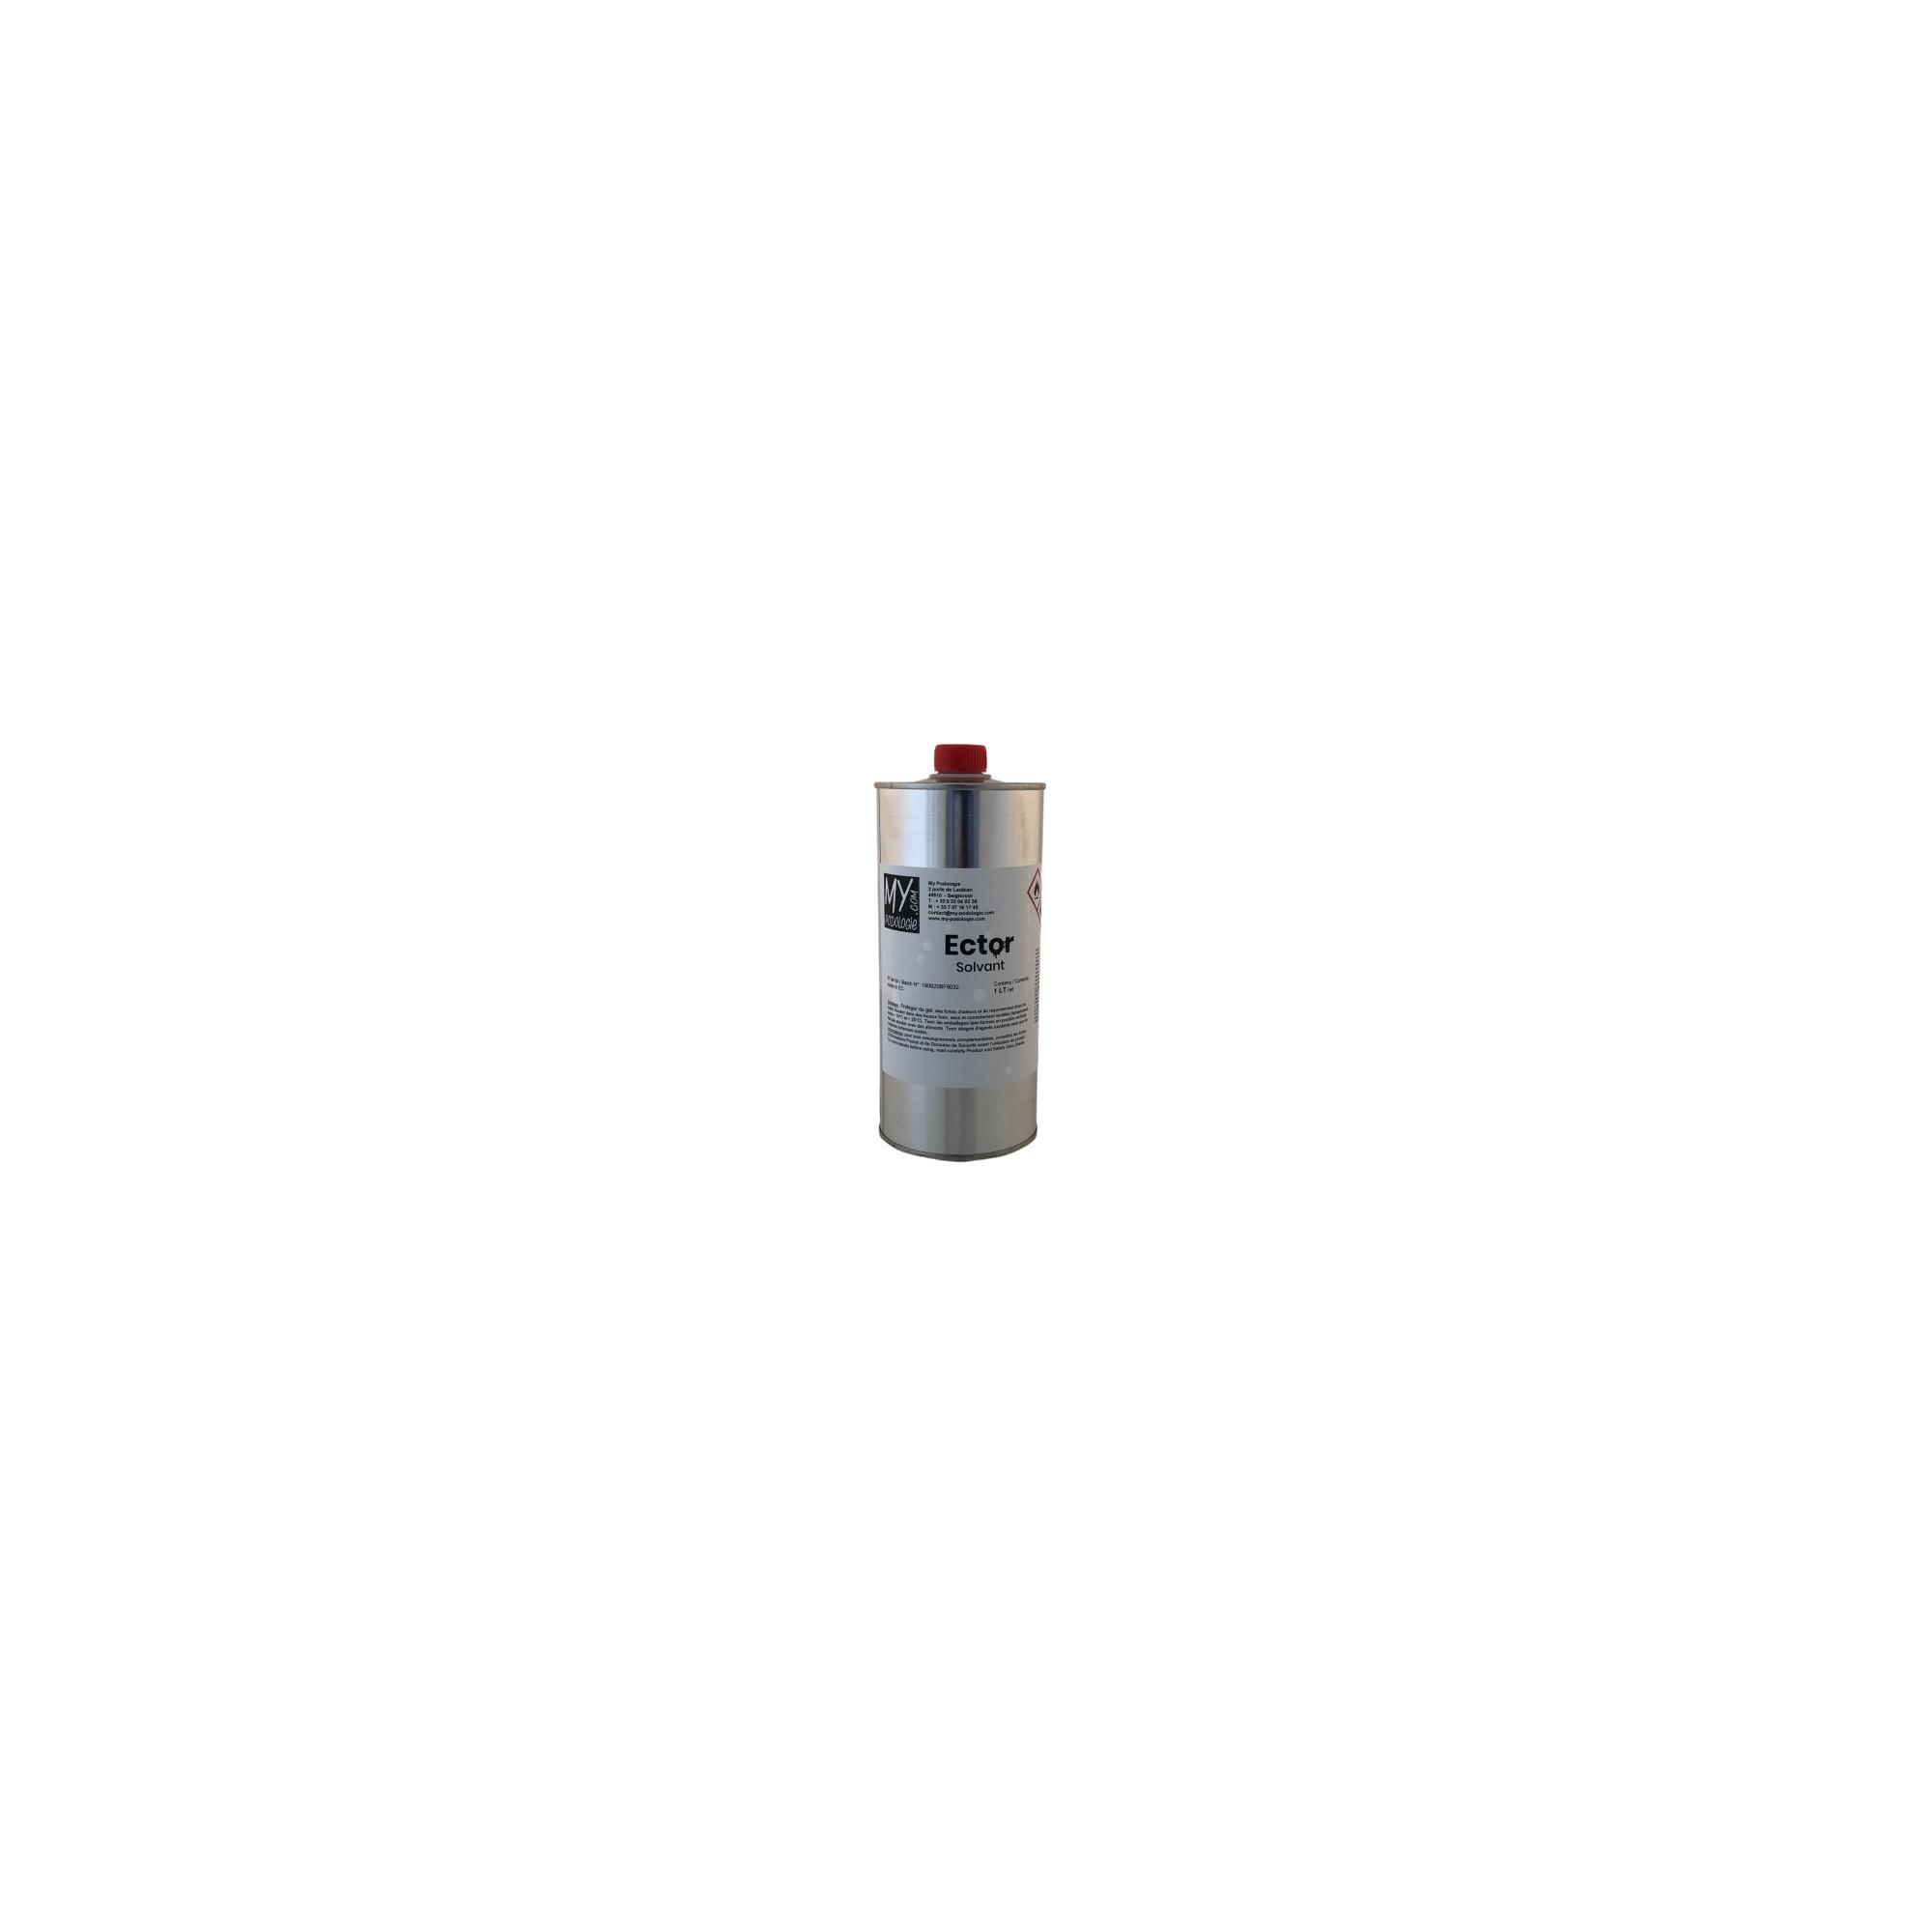 Solvant Ector - 1 L